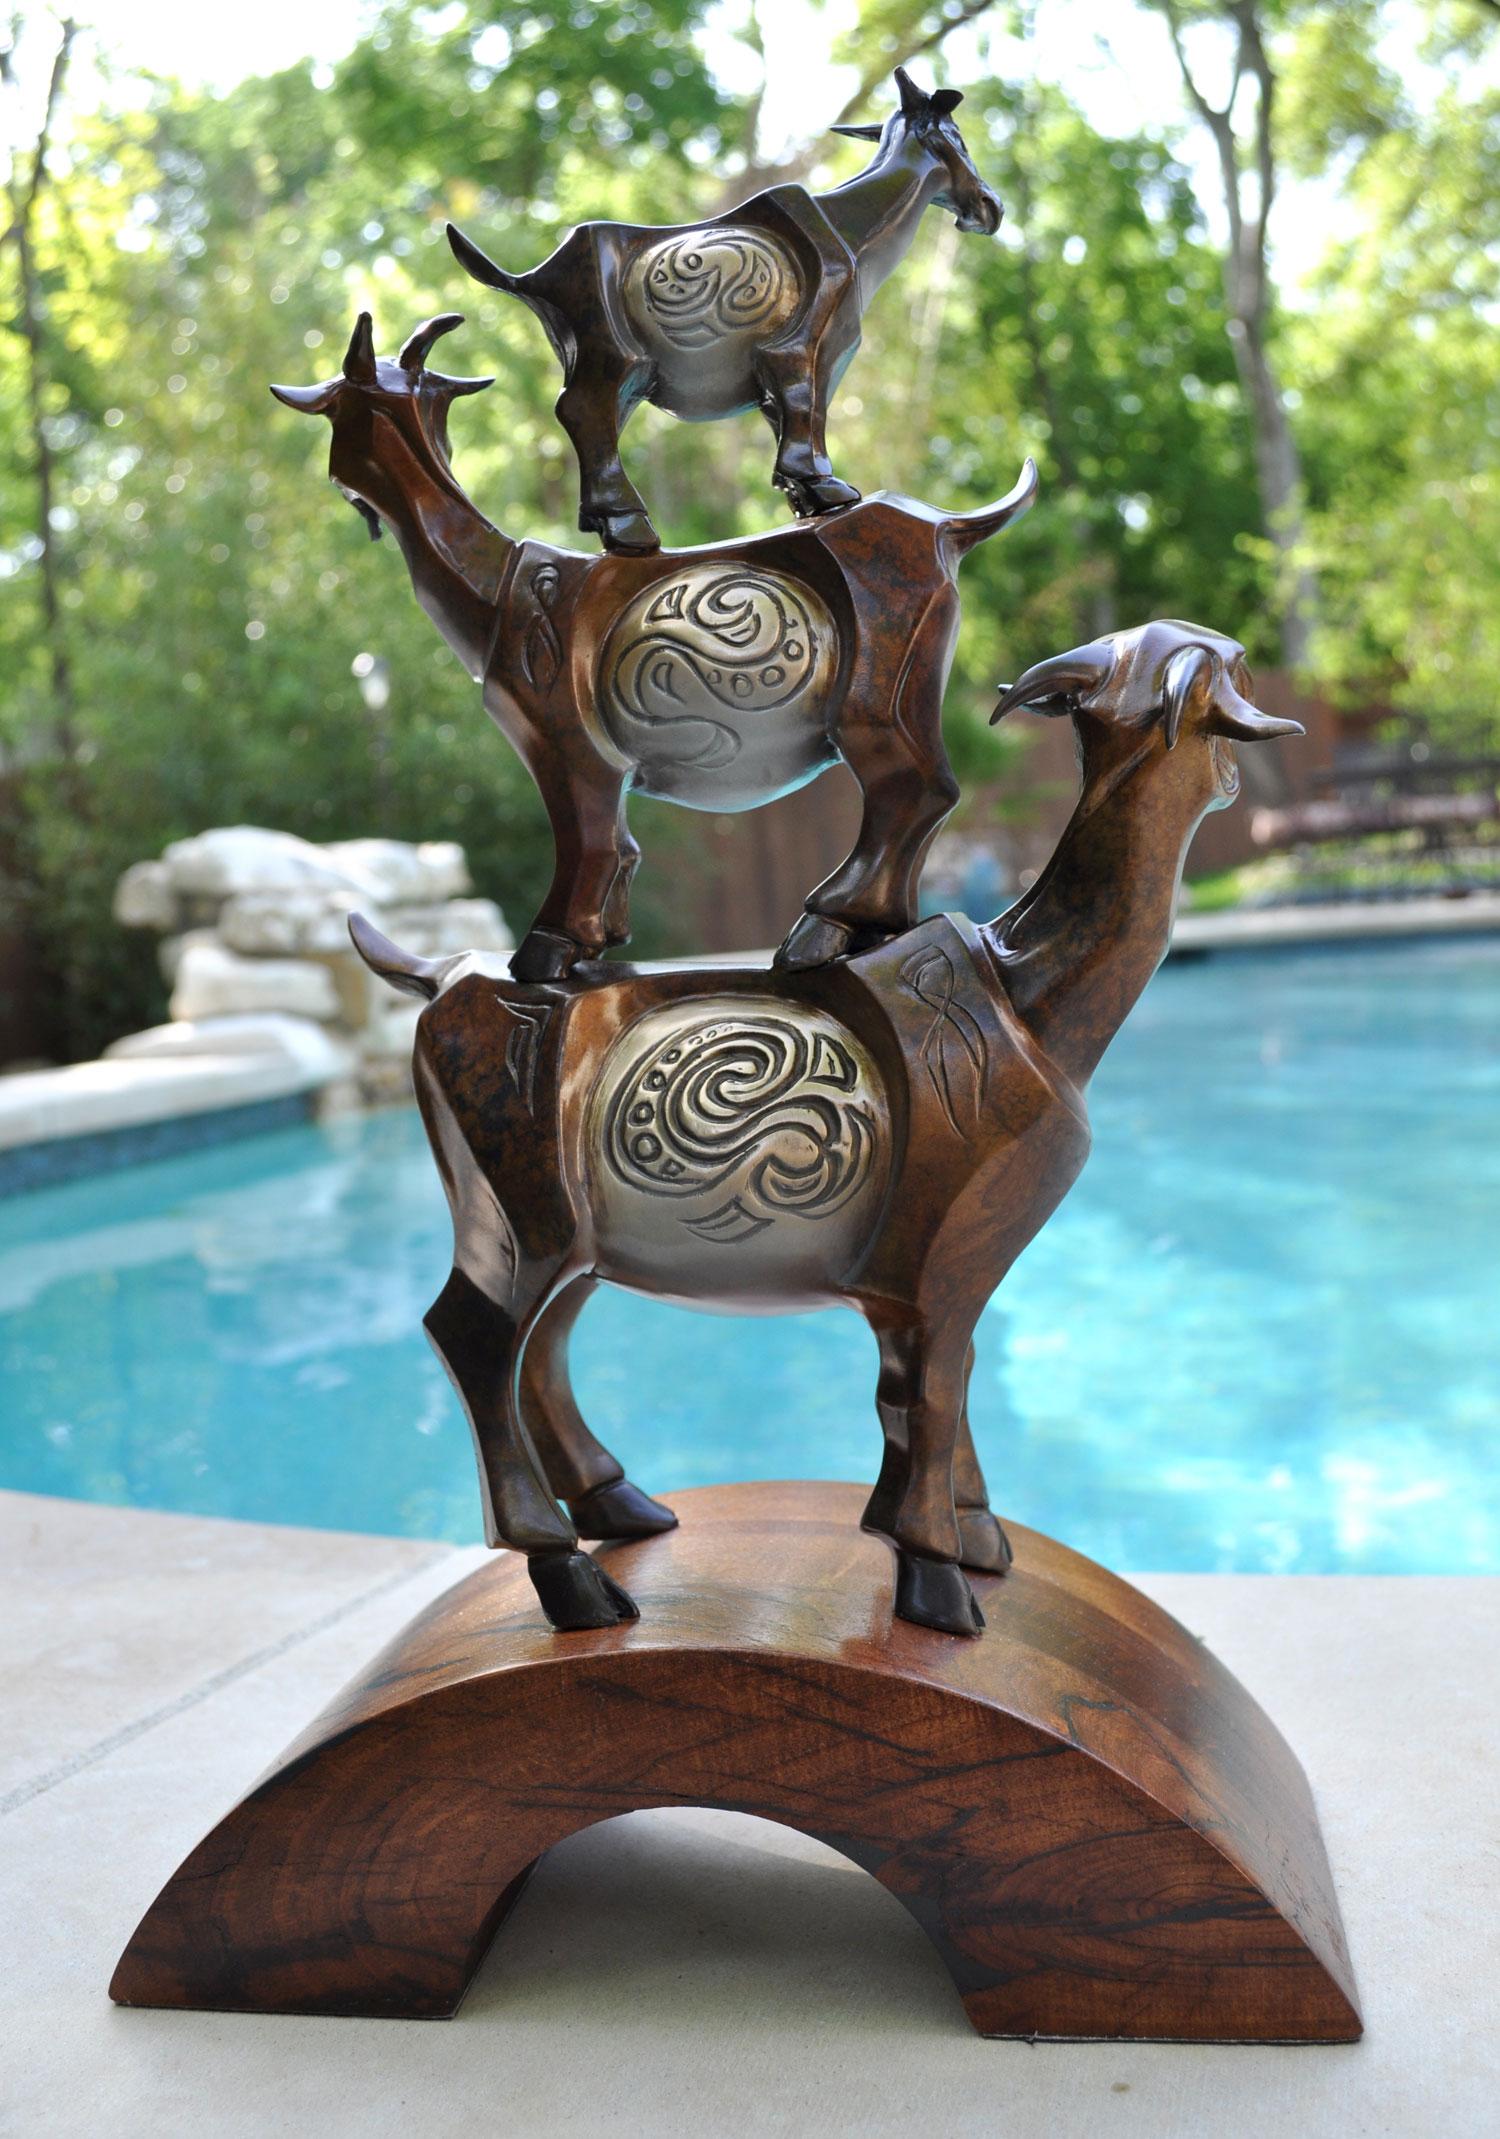 bronze-goats-sculpture-john-maisano-8.jpg